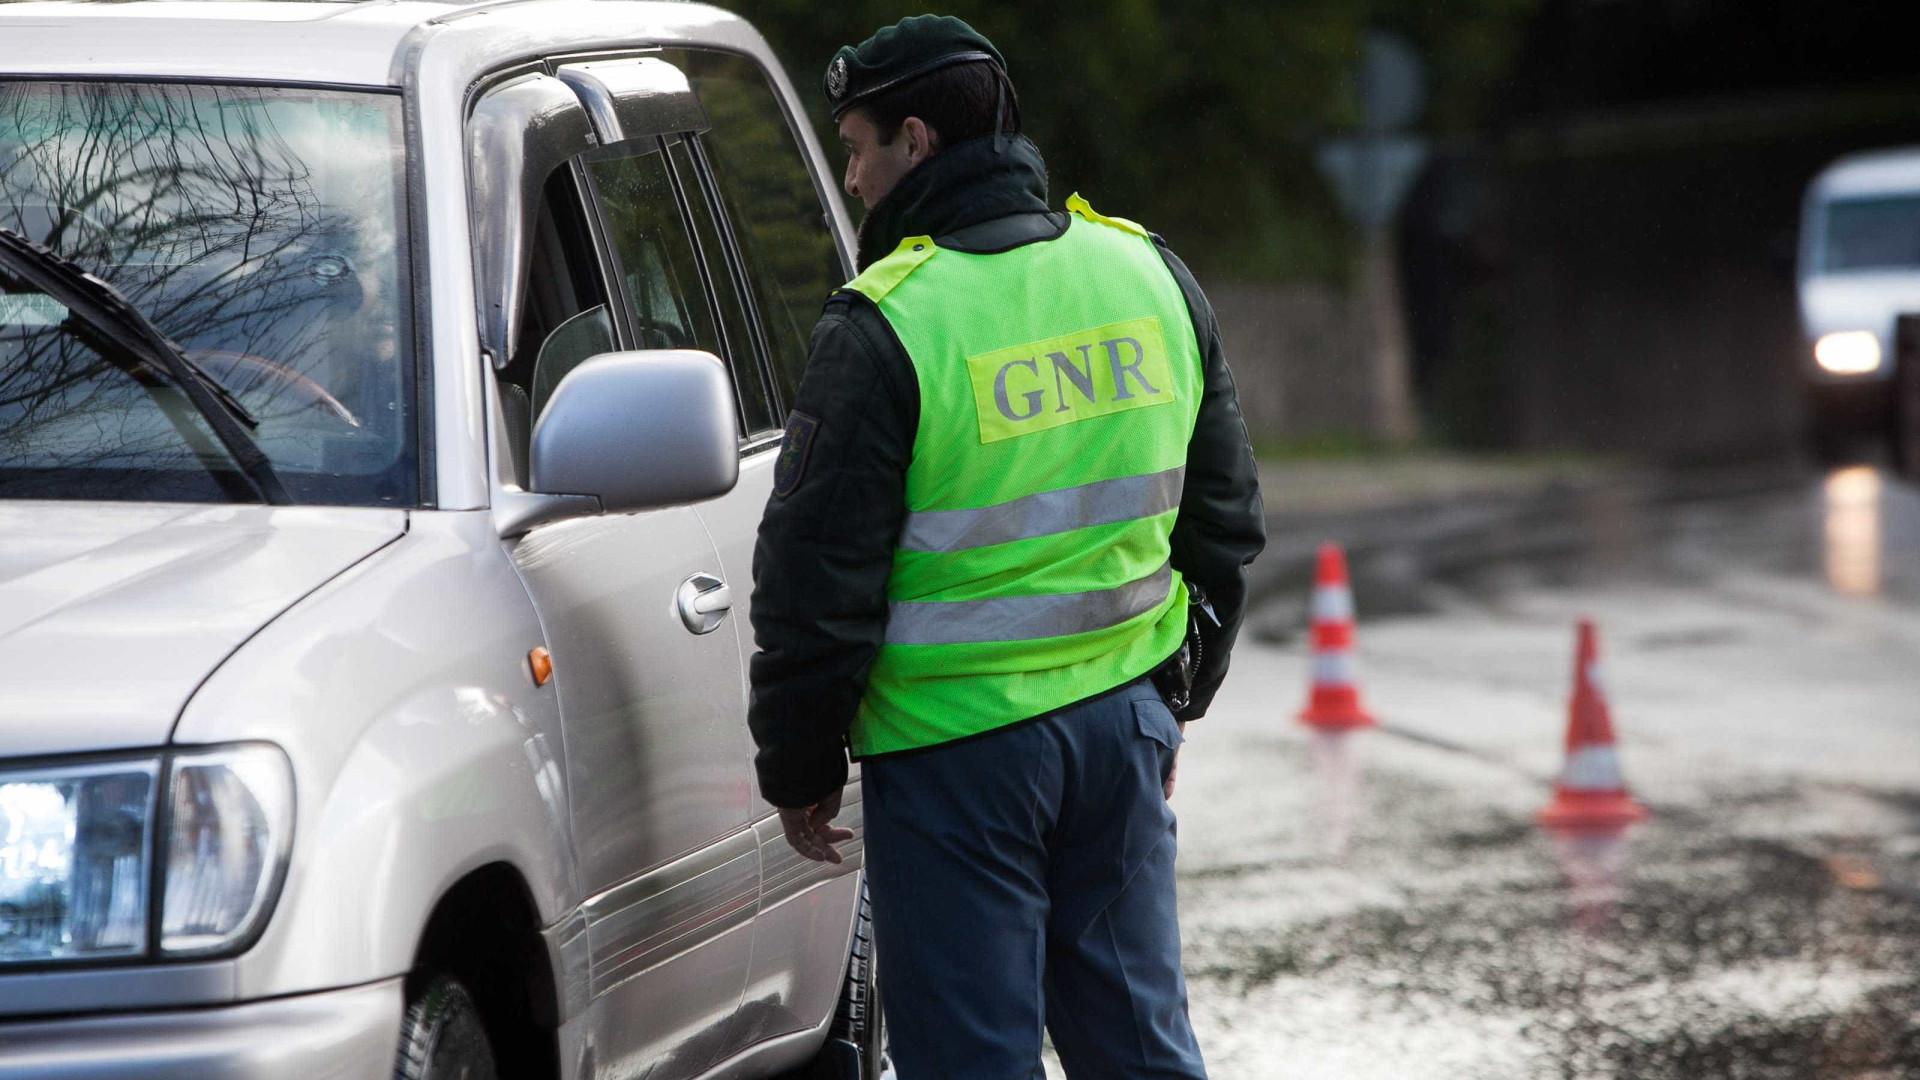 Operação Ano Novo com 311 detidos por conduzirem com excesso de álcool